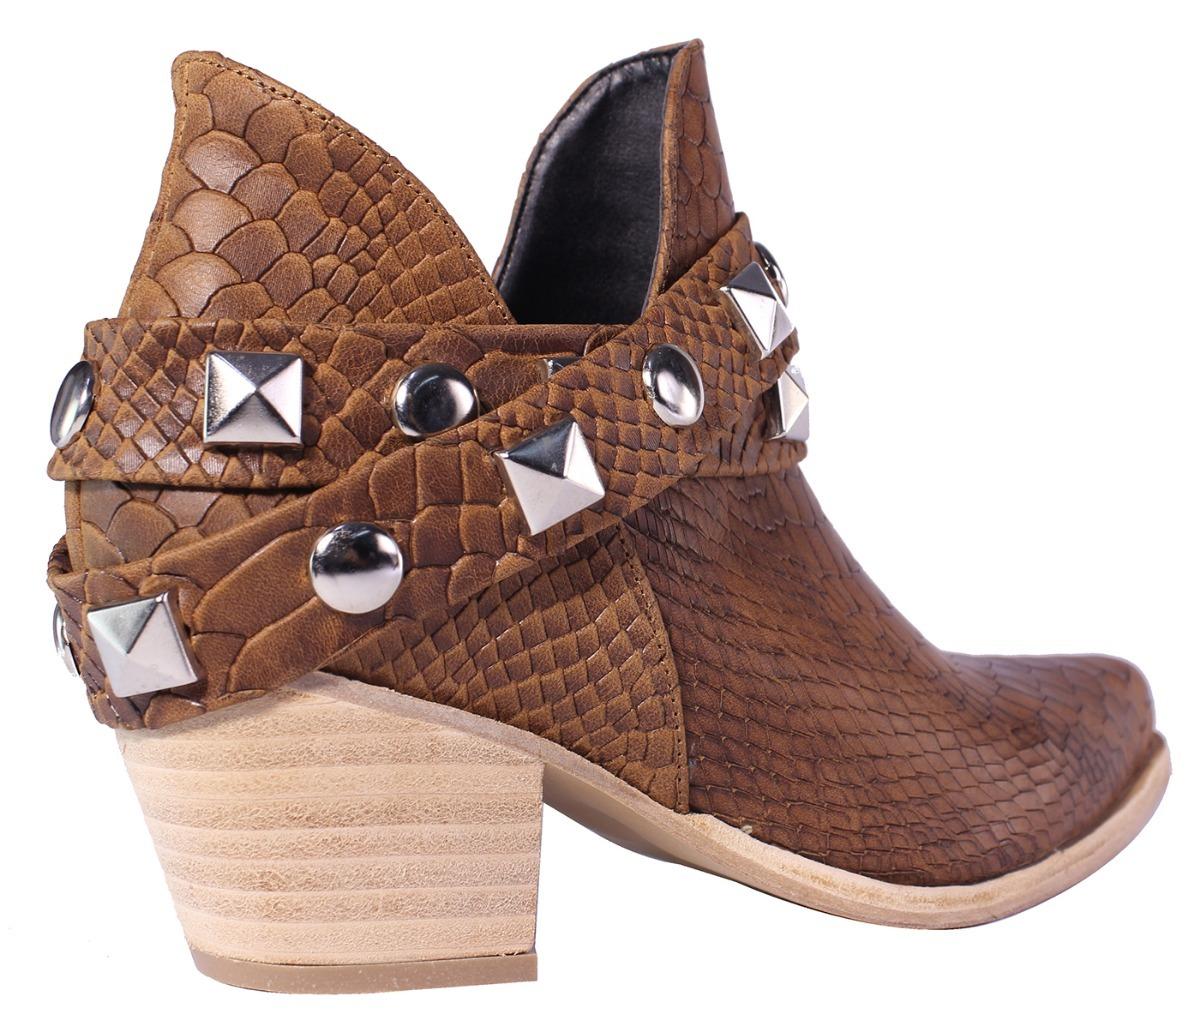 e4943f63e3 Cargando zoom... texanas mujer botas botitas botinetas cuero tops zapatos